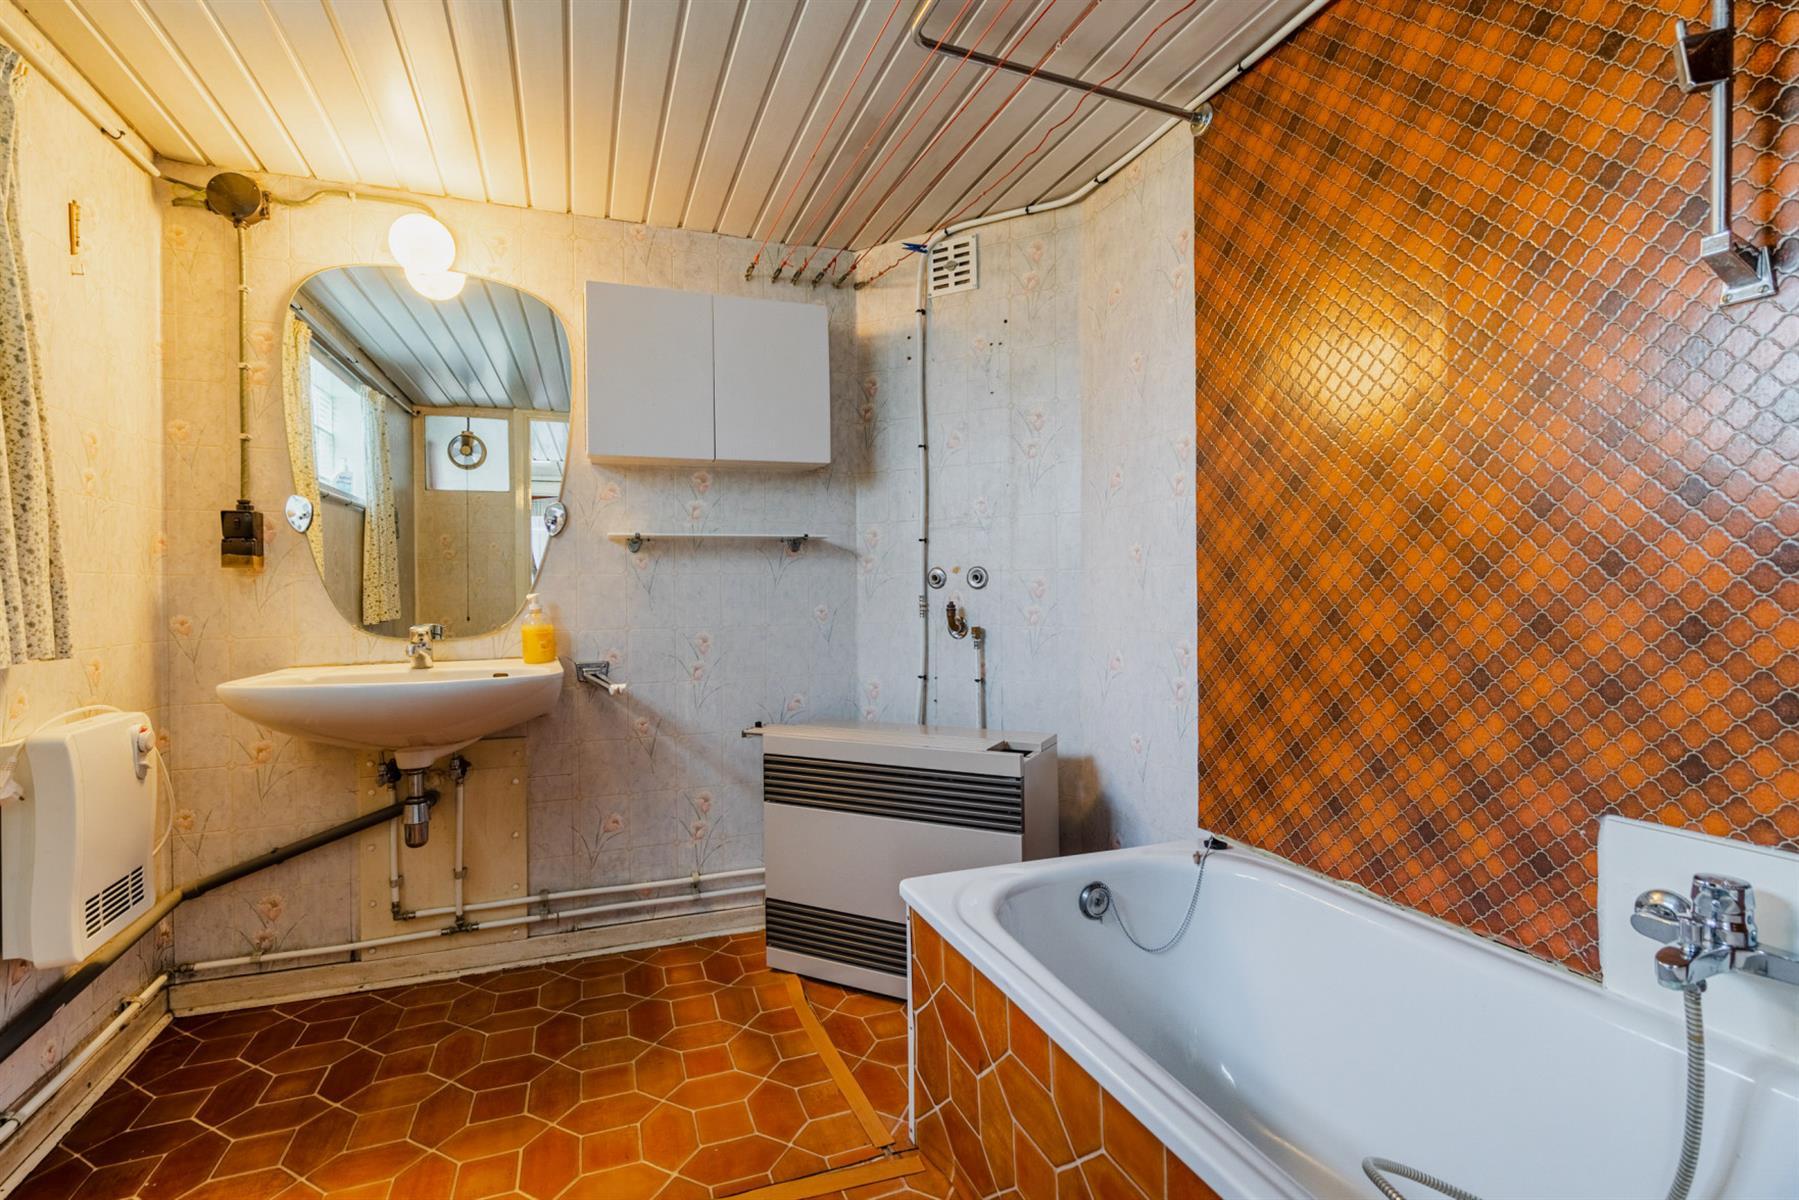 Maison - Court-saint-Étienne - #4518416-8